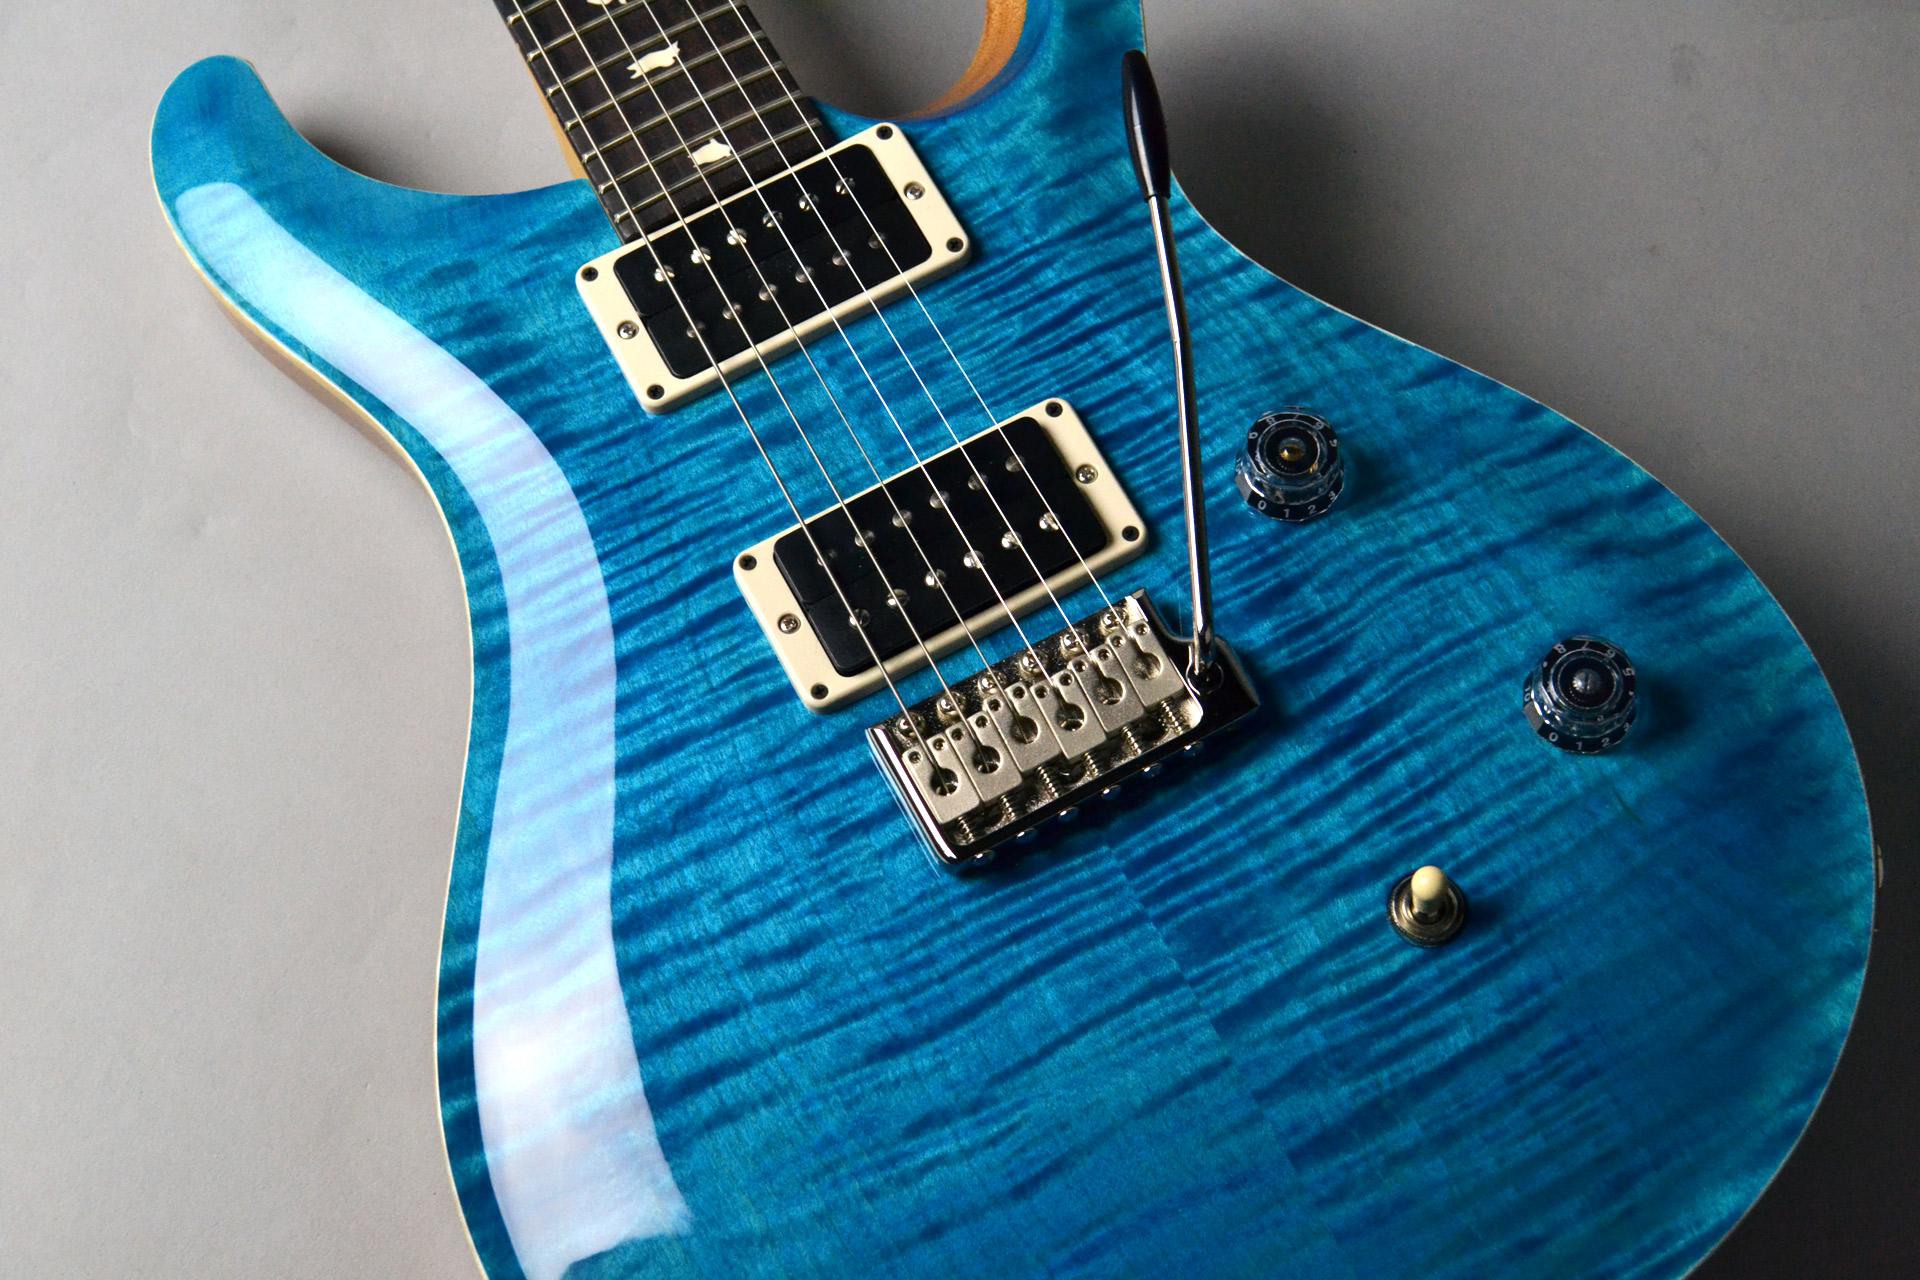 CE24 GLOSS Blue Matteo【商談会選定個体】のケース・その他画像